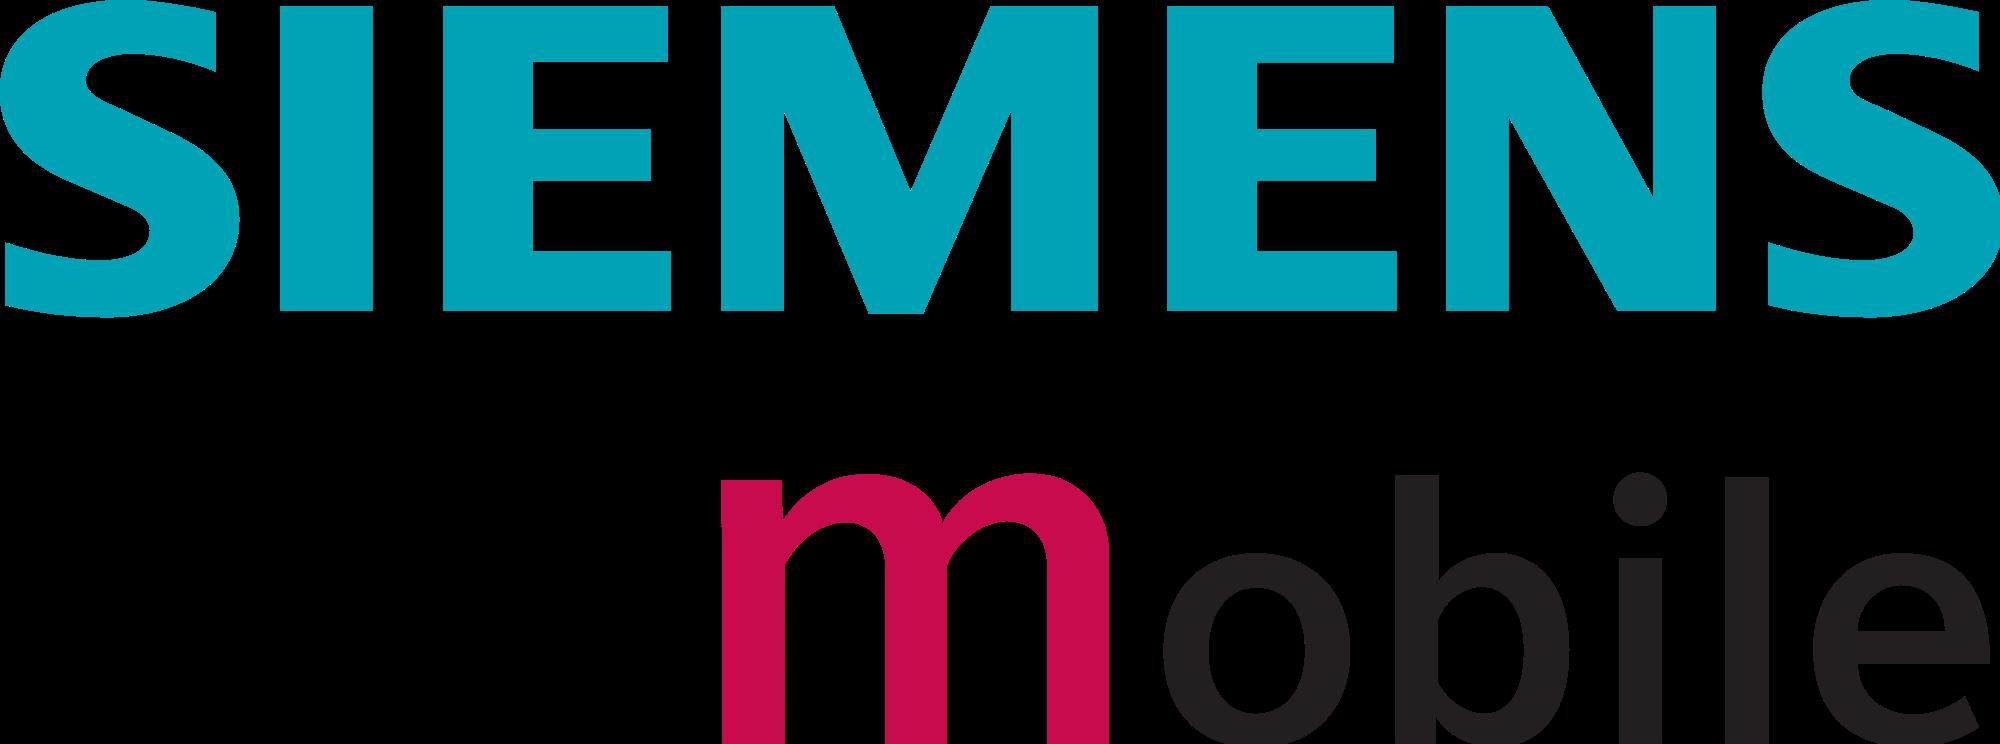 Open PlusPng.com  - Siemens PNG